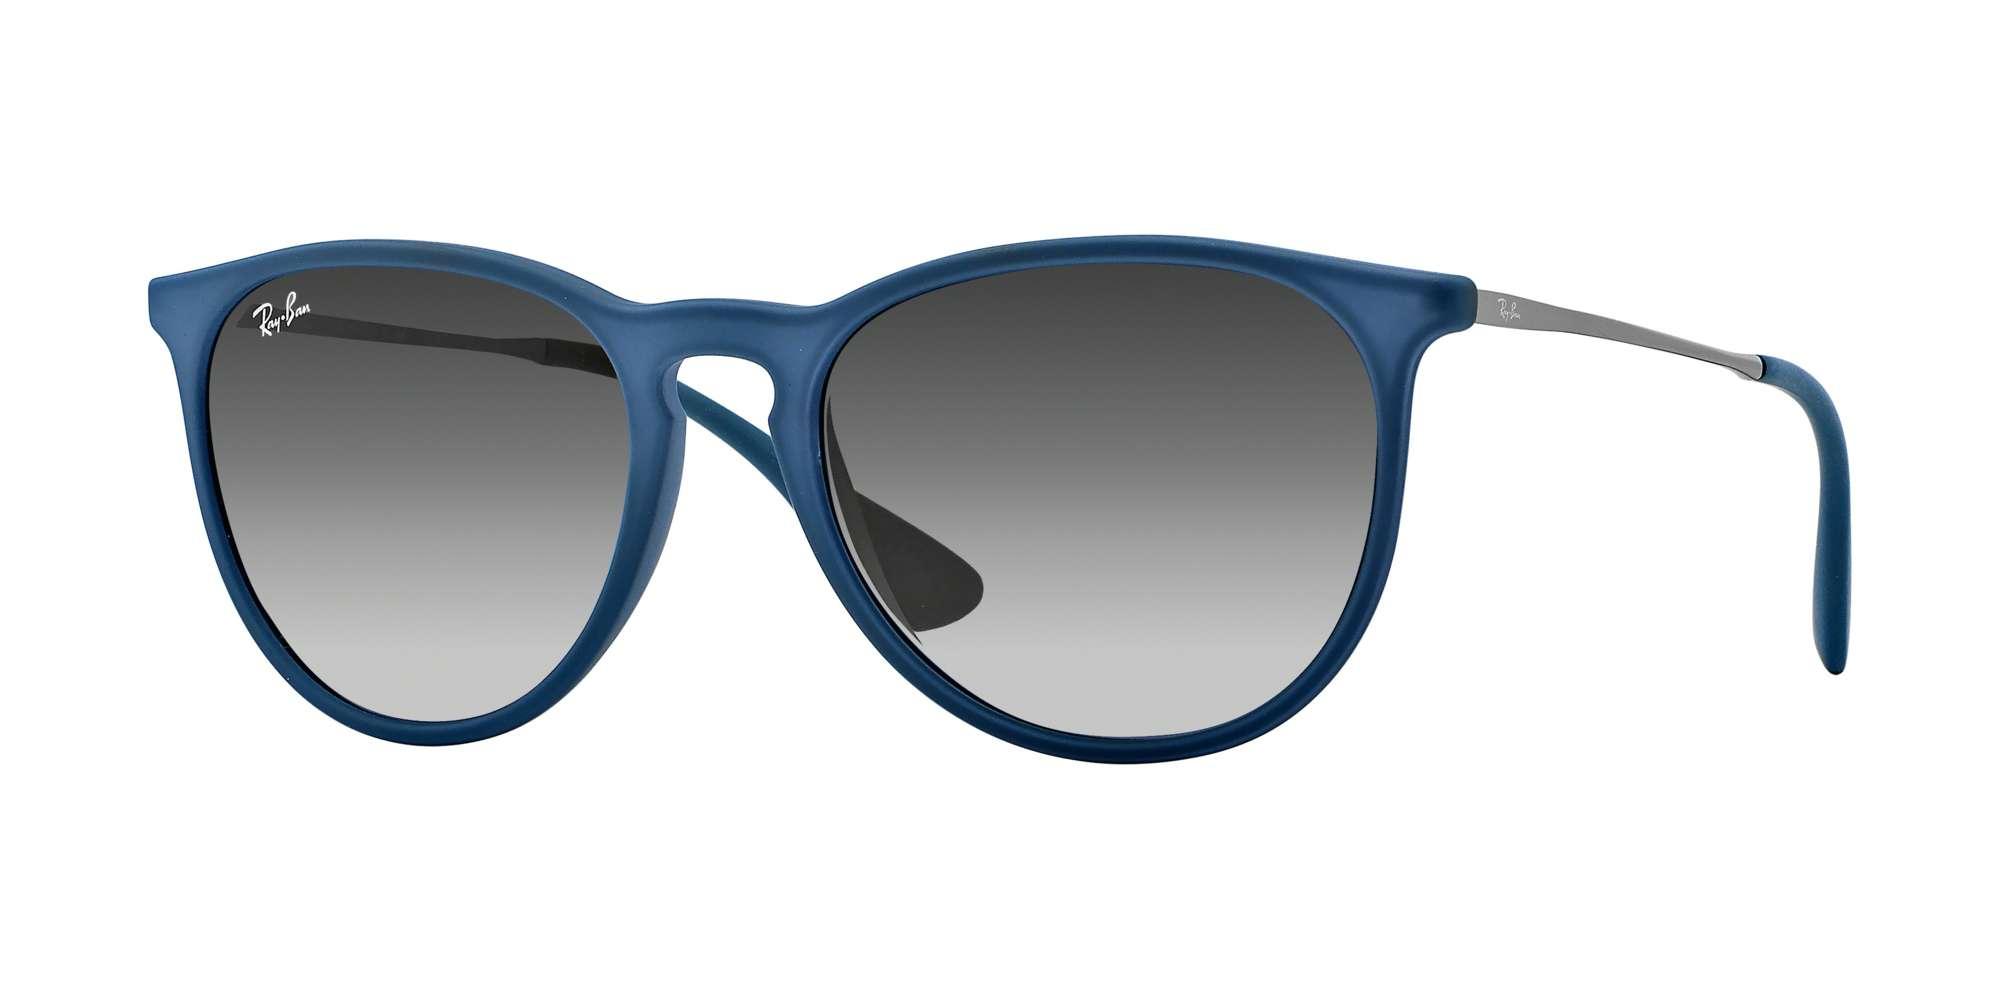 RUBBER BLUE / GREY GRADIENT lenses